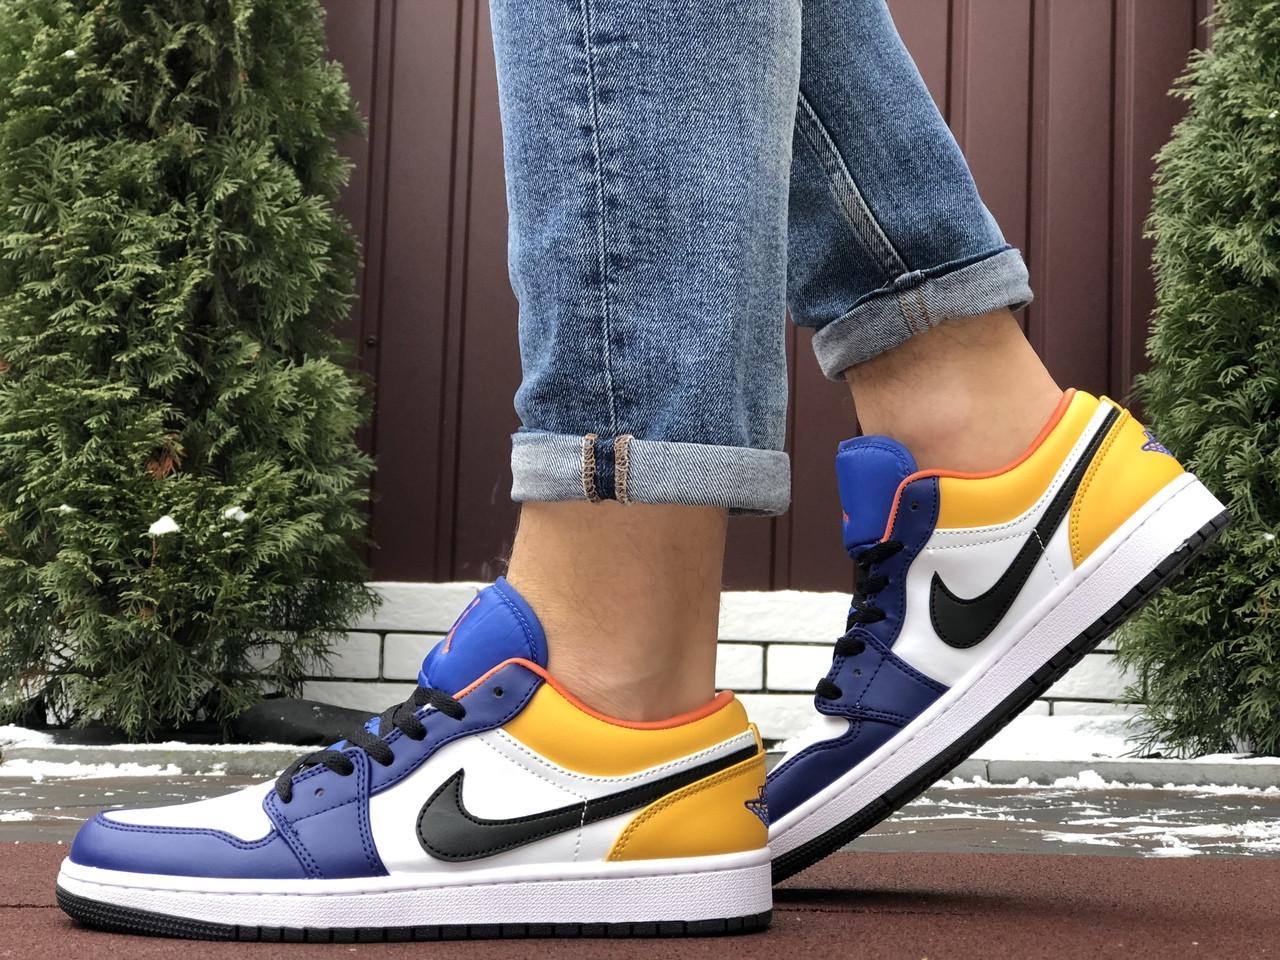 Мужские кожаные кроссовки Nike Air Jordan 1 Low (бело-синие) 10158 баскетбольная обувь